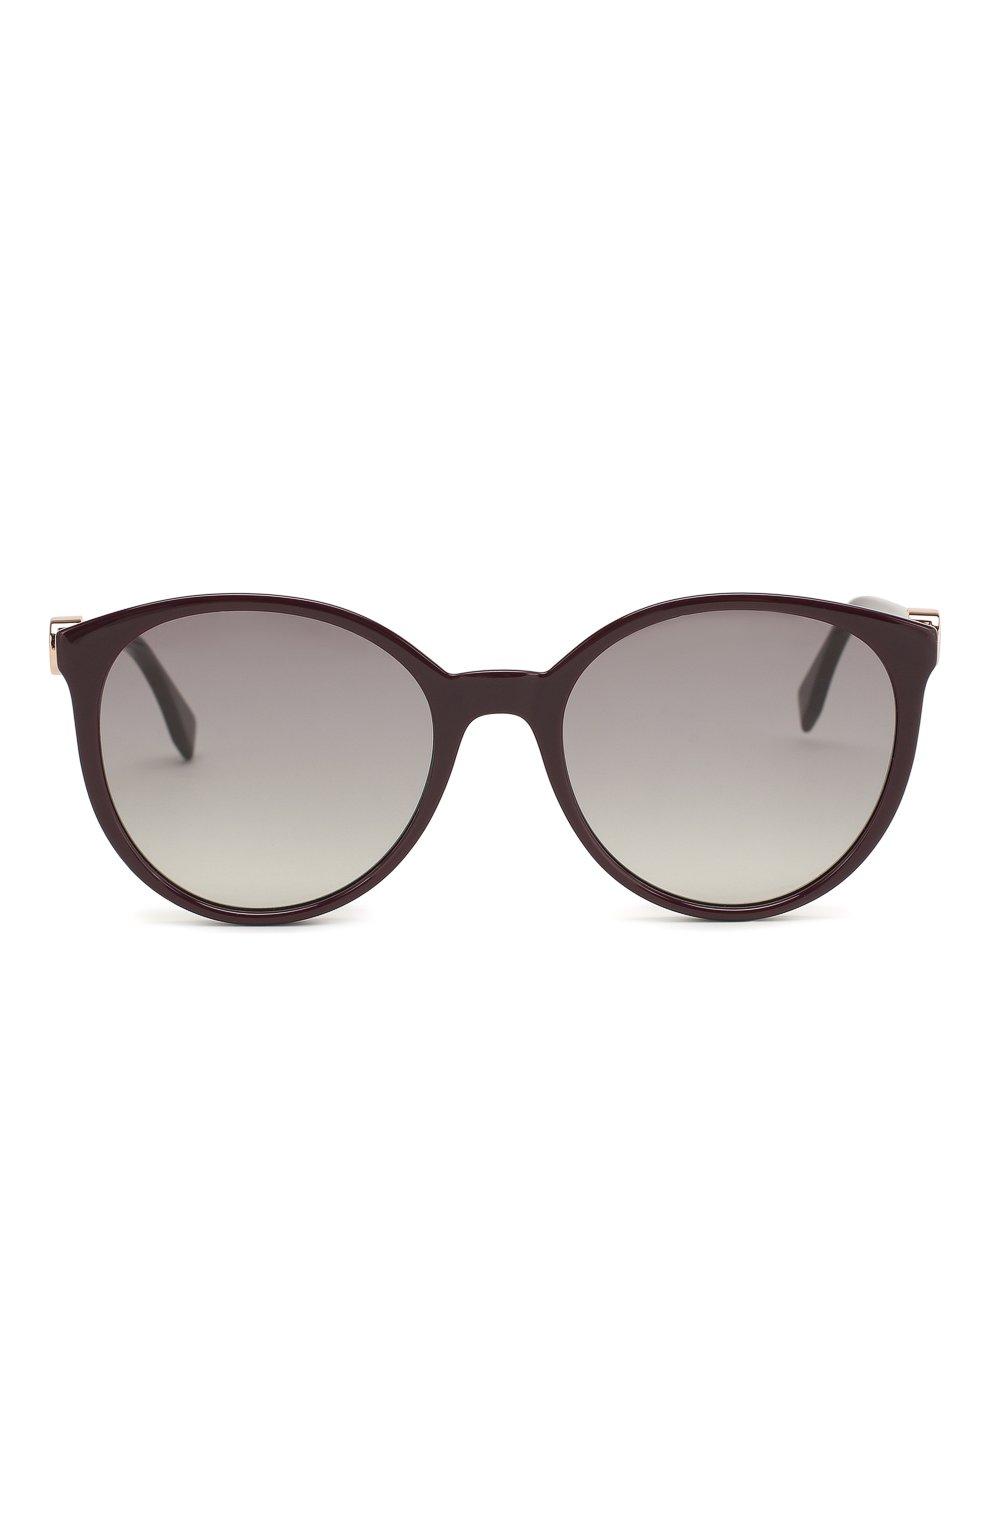 Женские солнцезащитные очки FENDI фиолетового цвета, арт. 0288 0T7   Фото 3